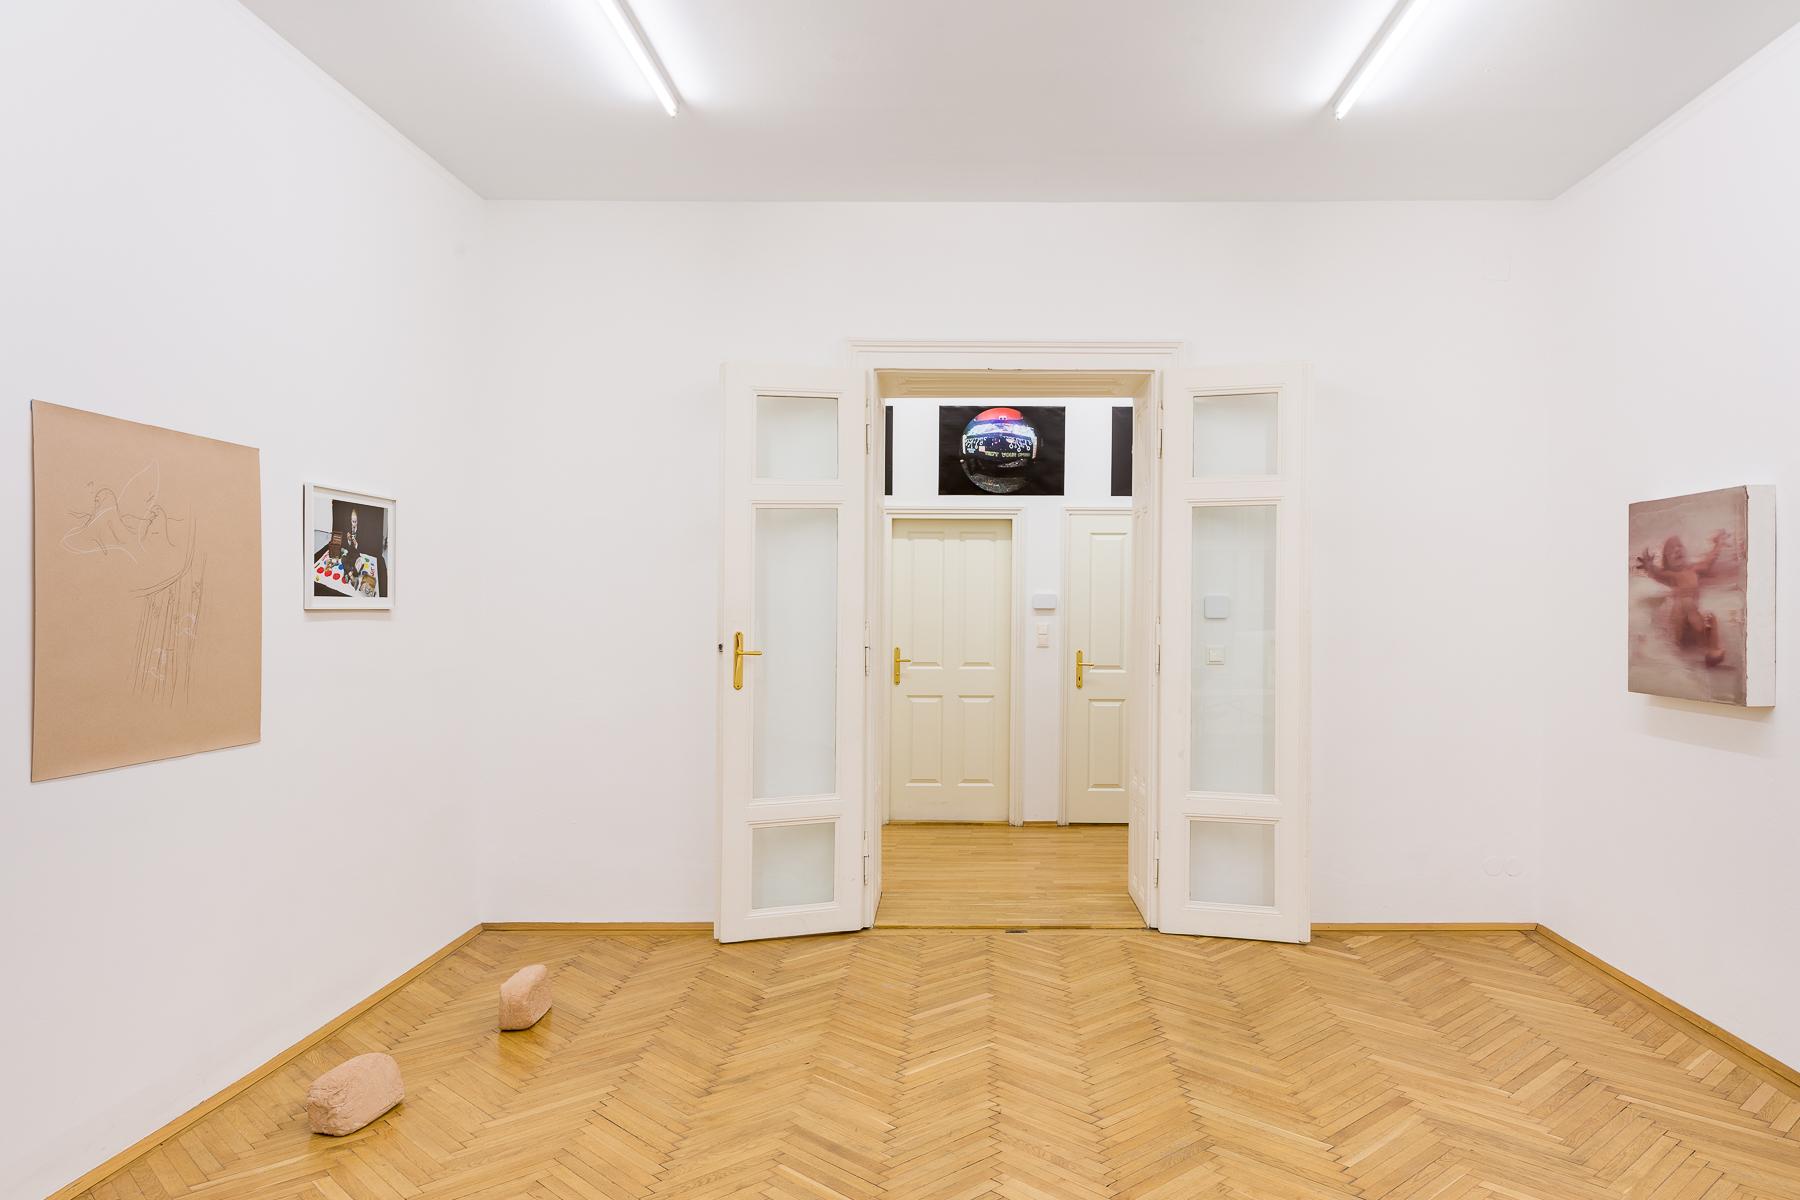 2019_03_13_Groupshow_Felix-Gaudlitz_kunst-dokumentation-com_005_web.jpg